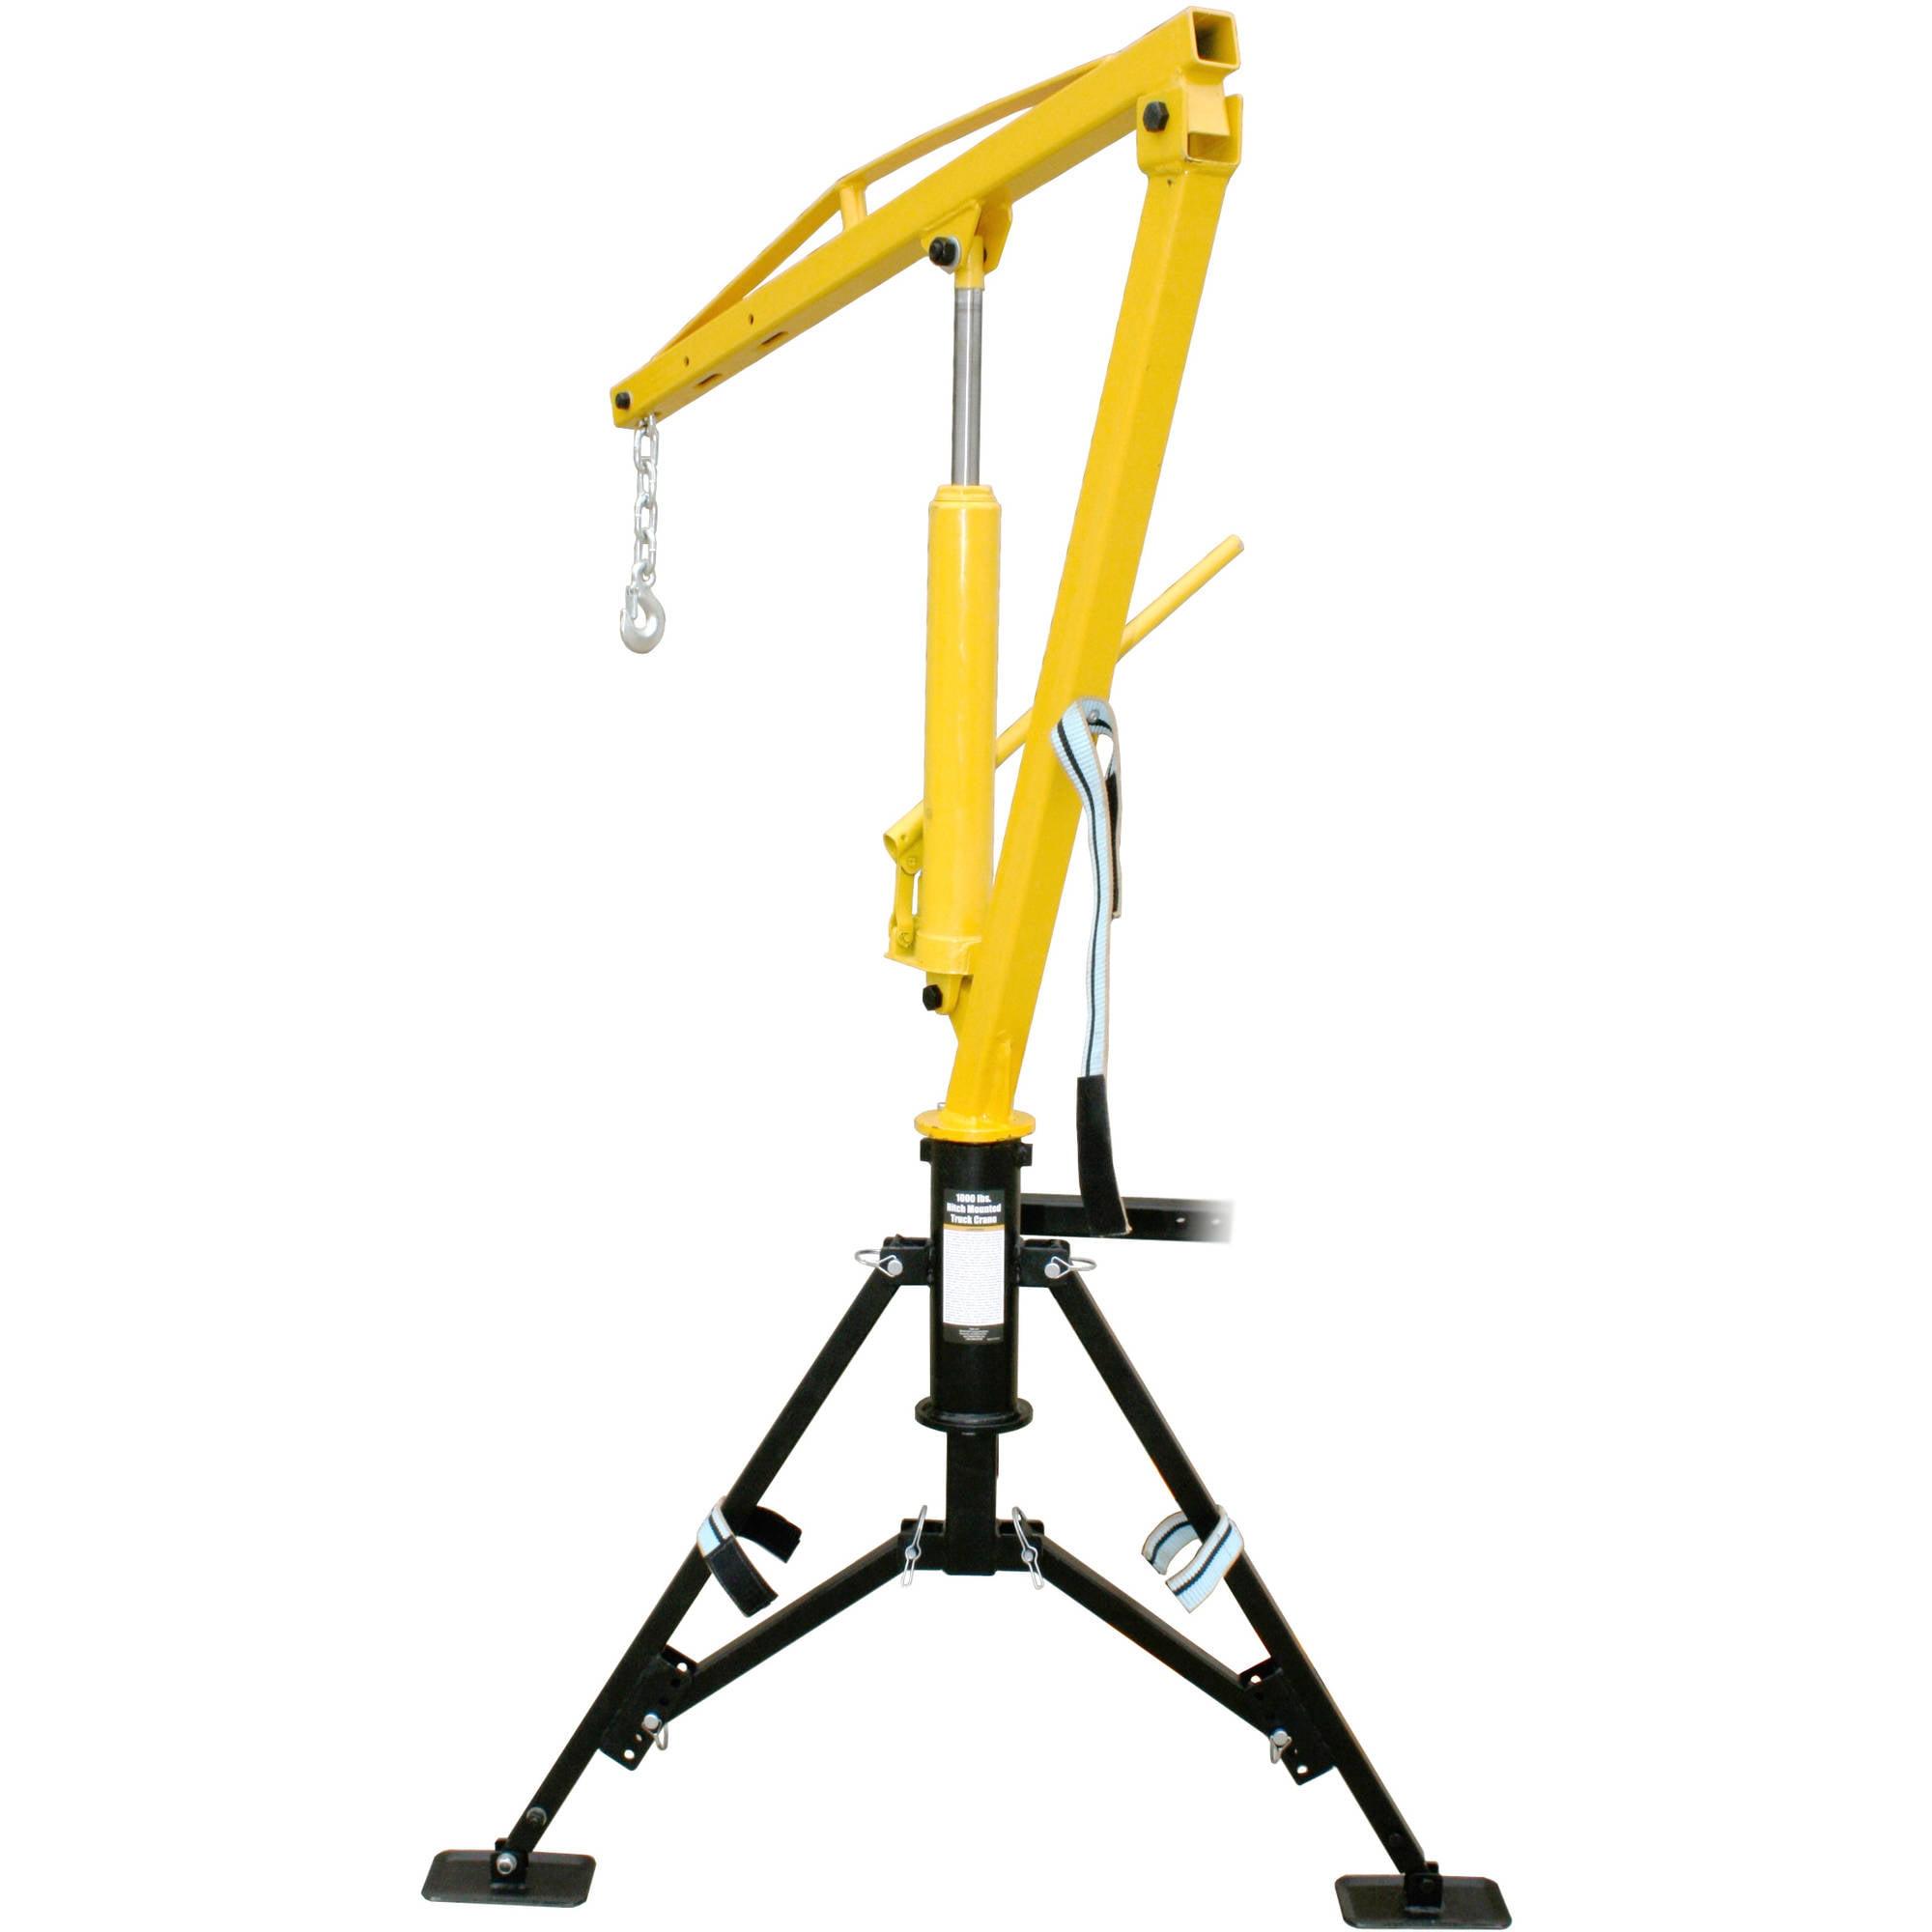 MaxxHaul 70238 Hitch Mount Hydraulic Crane